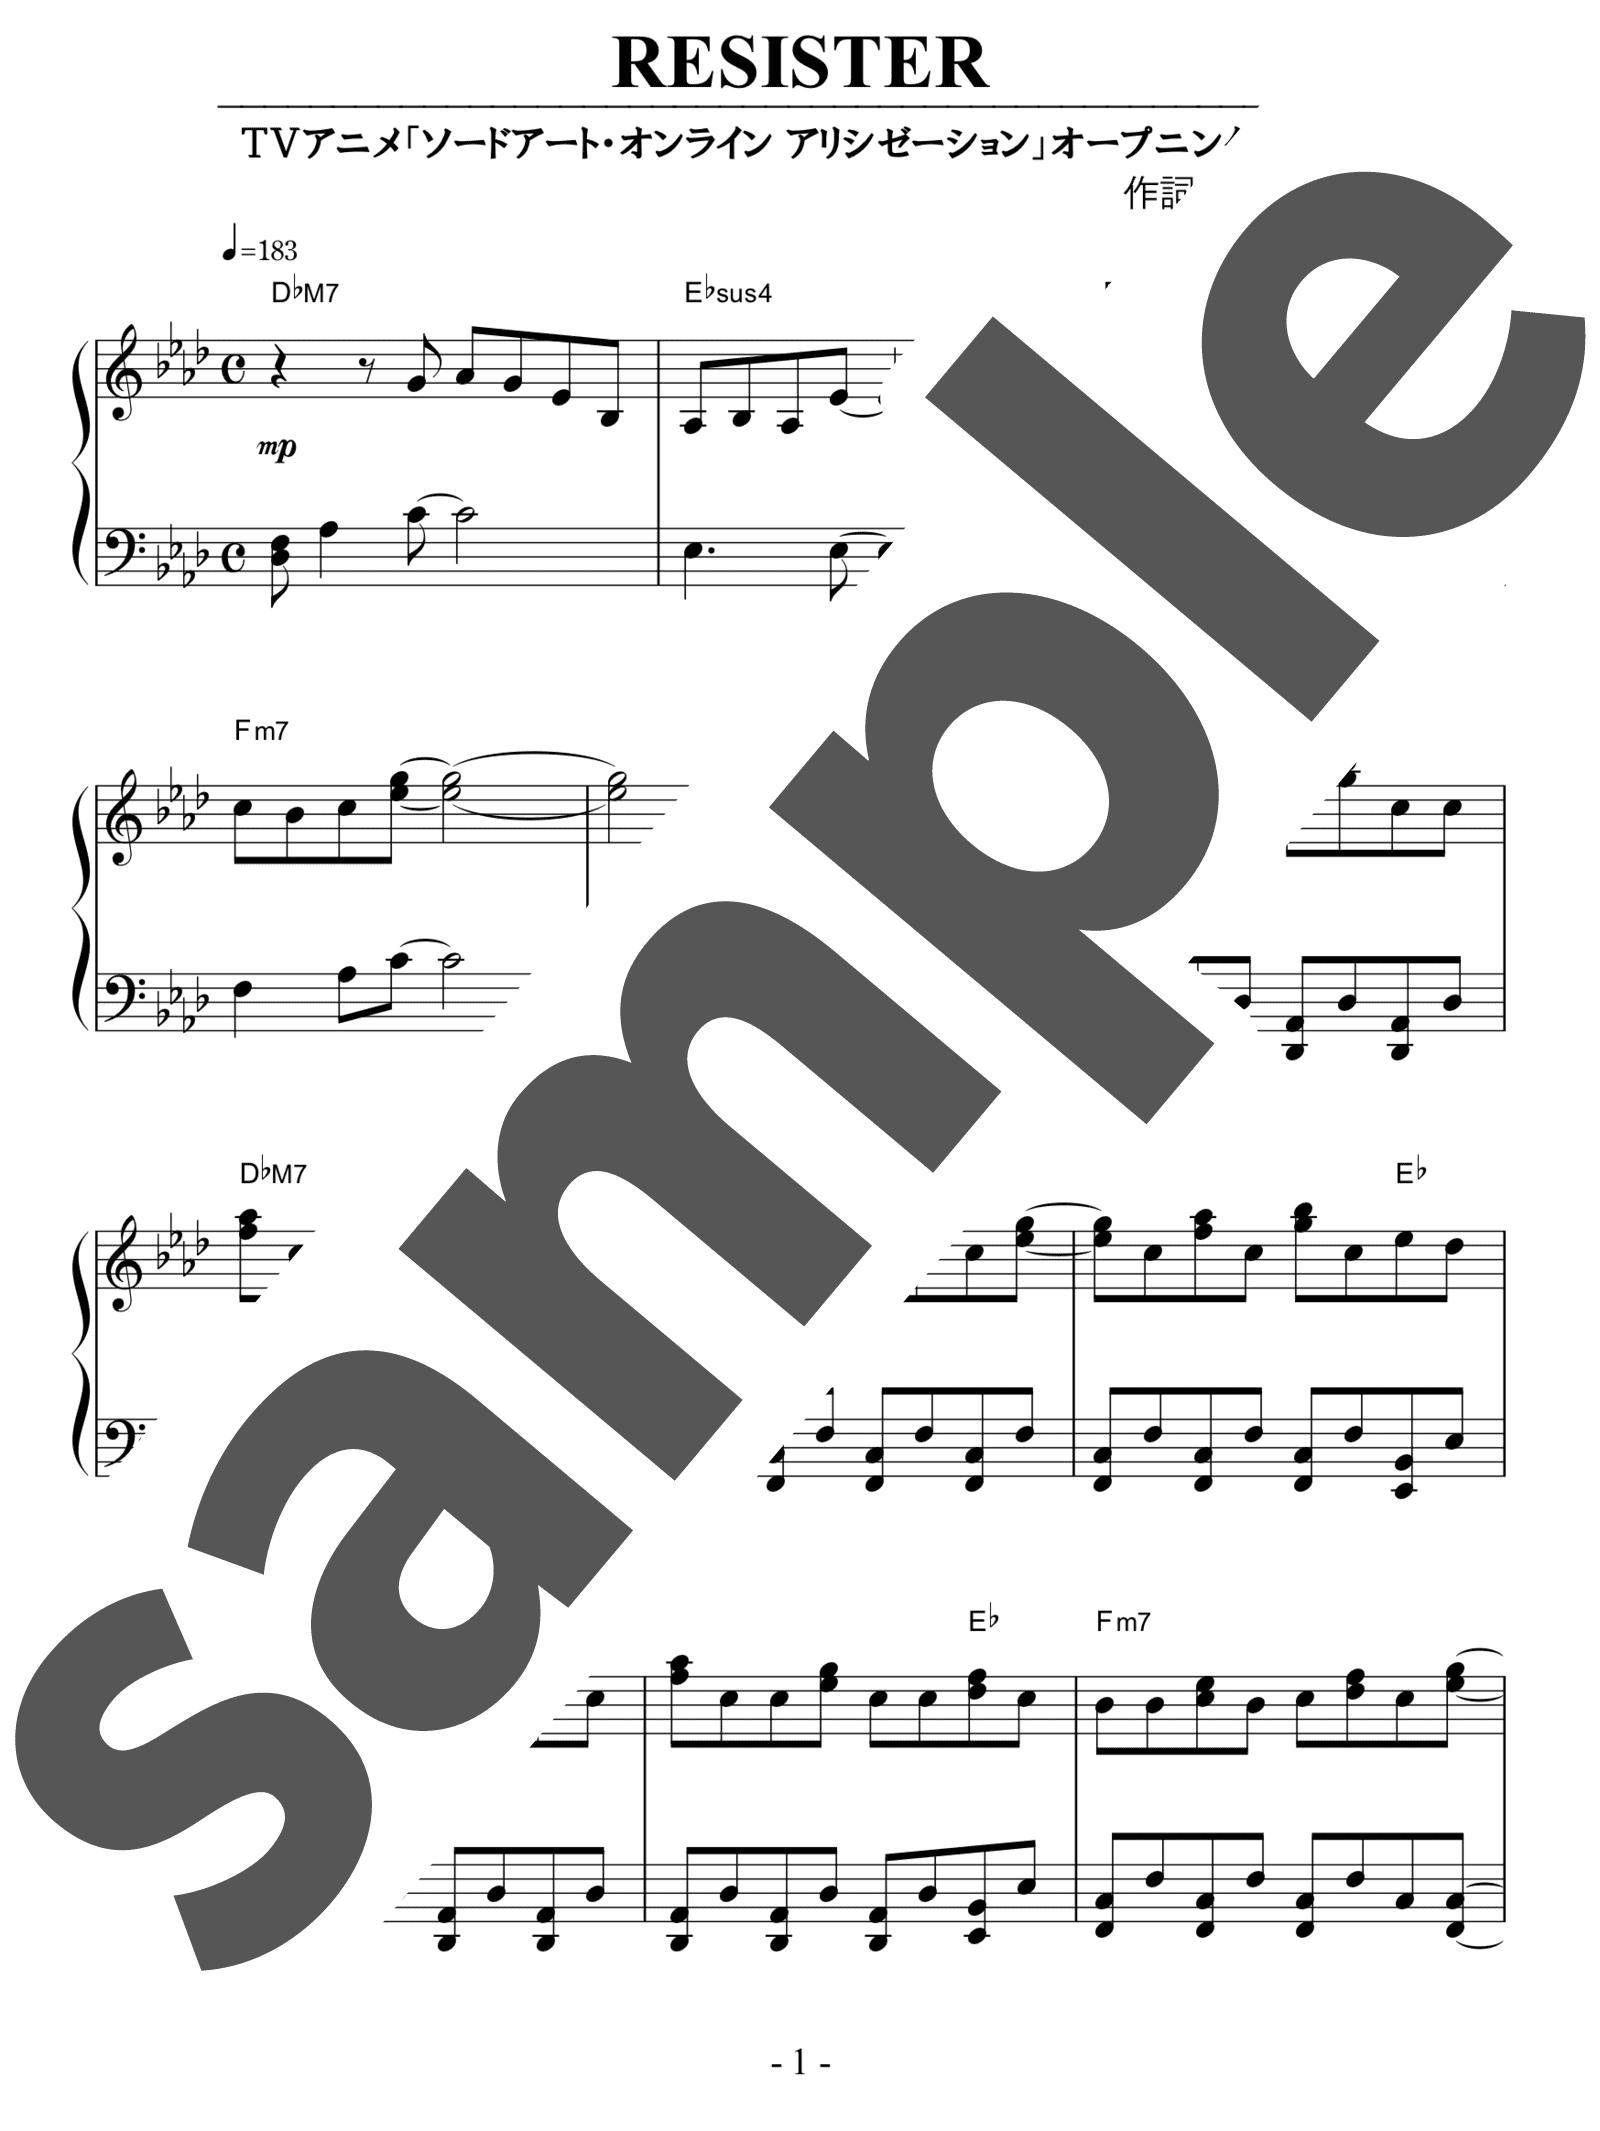 「RESISTER」のサンプル楽譜